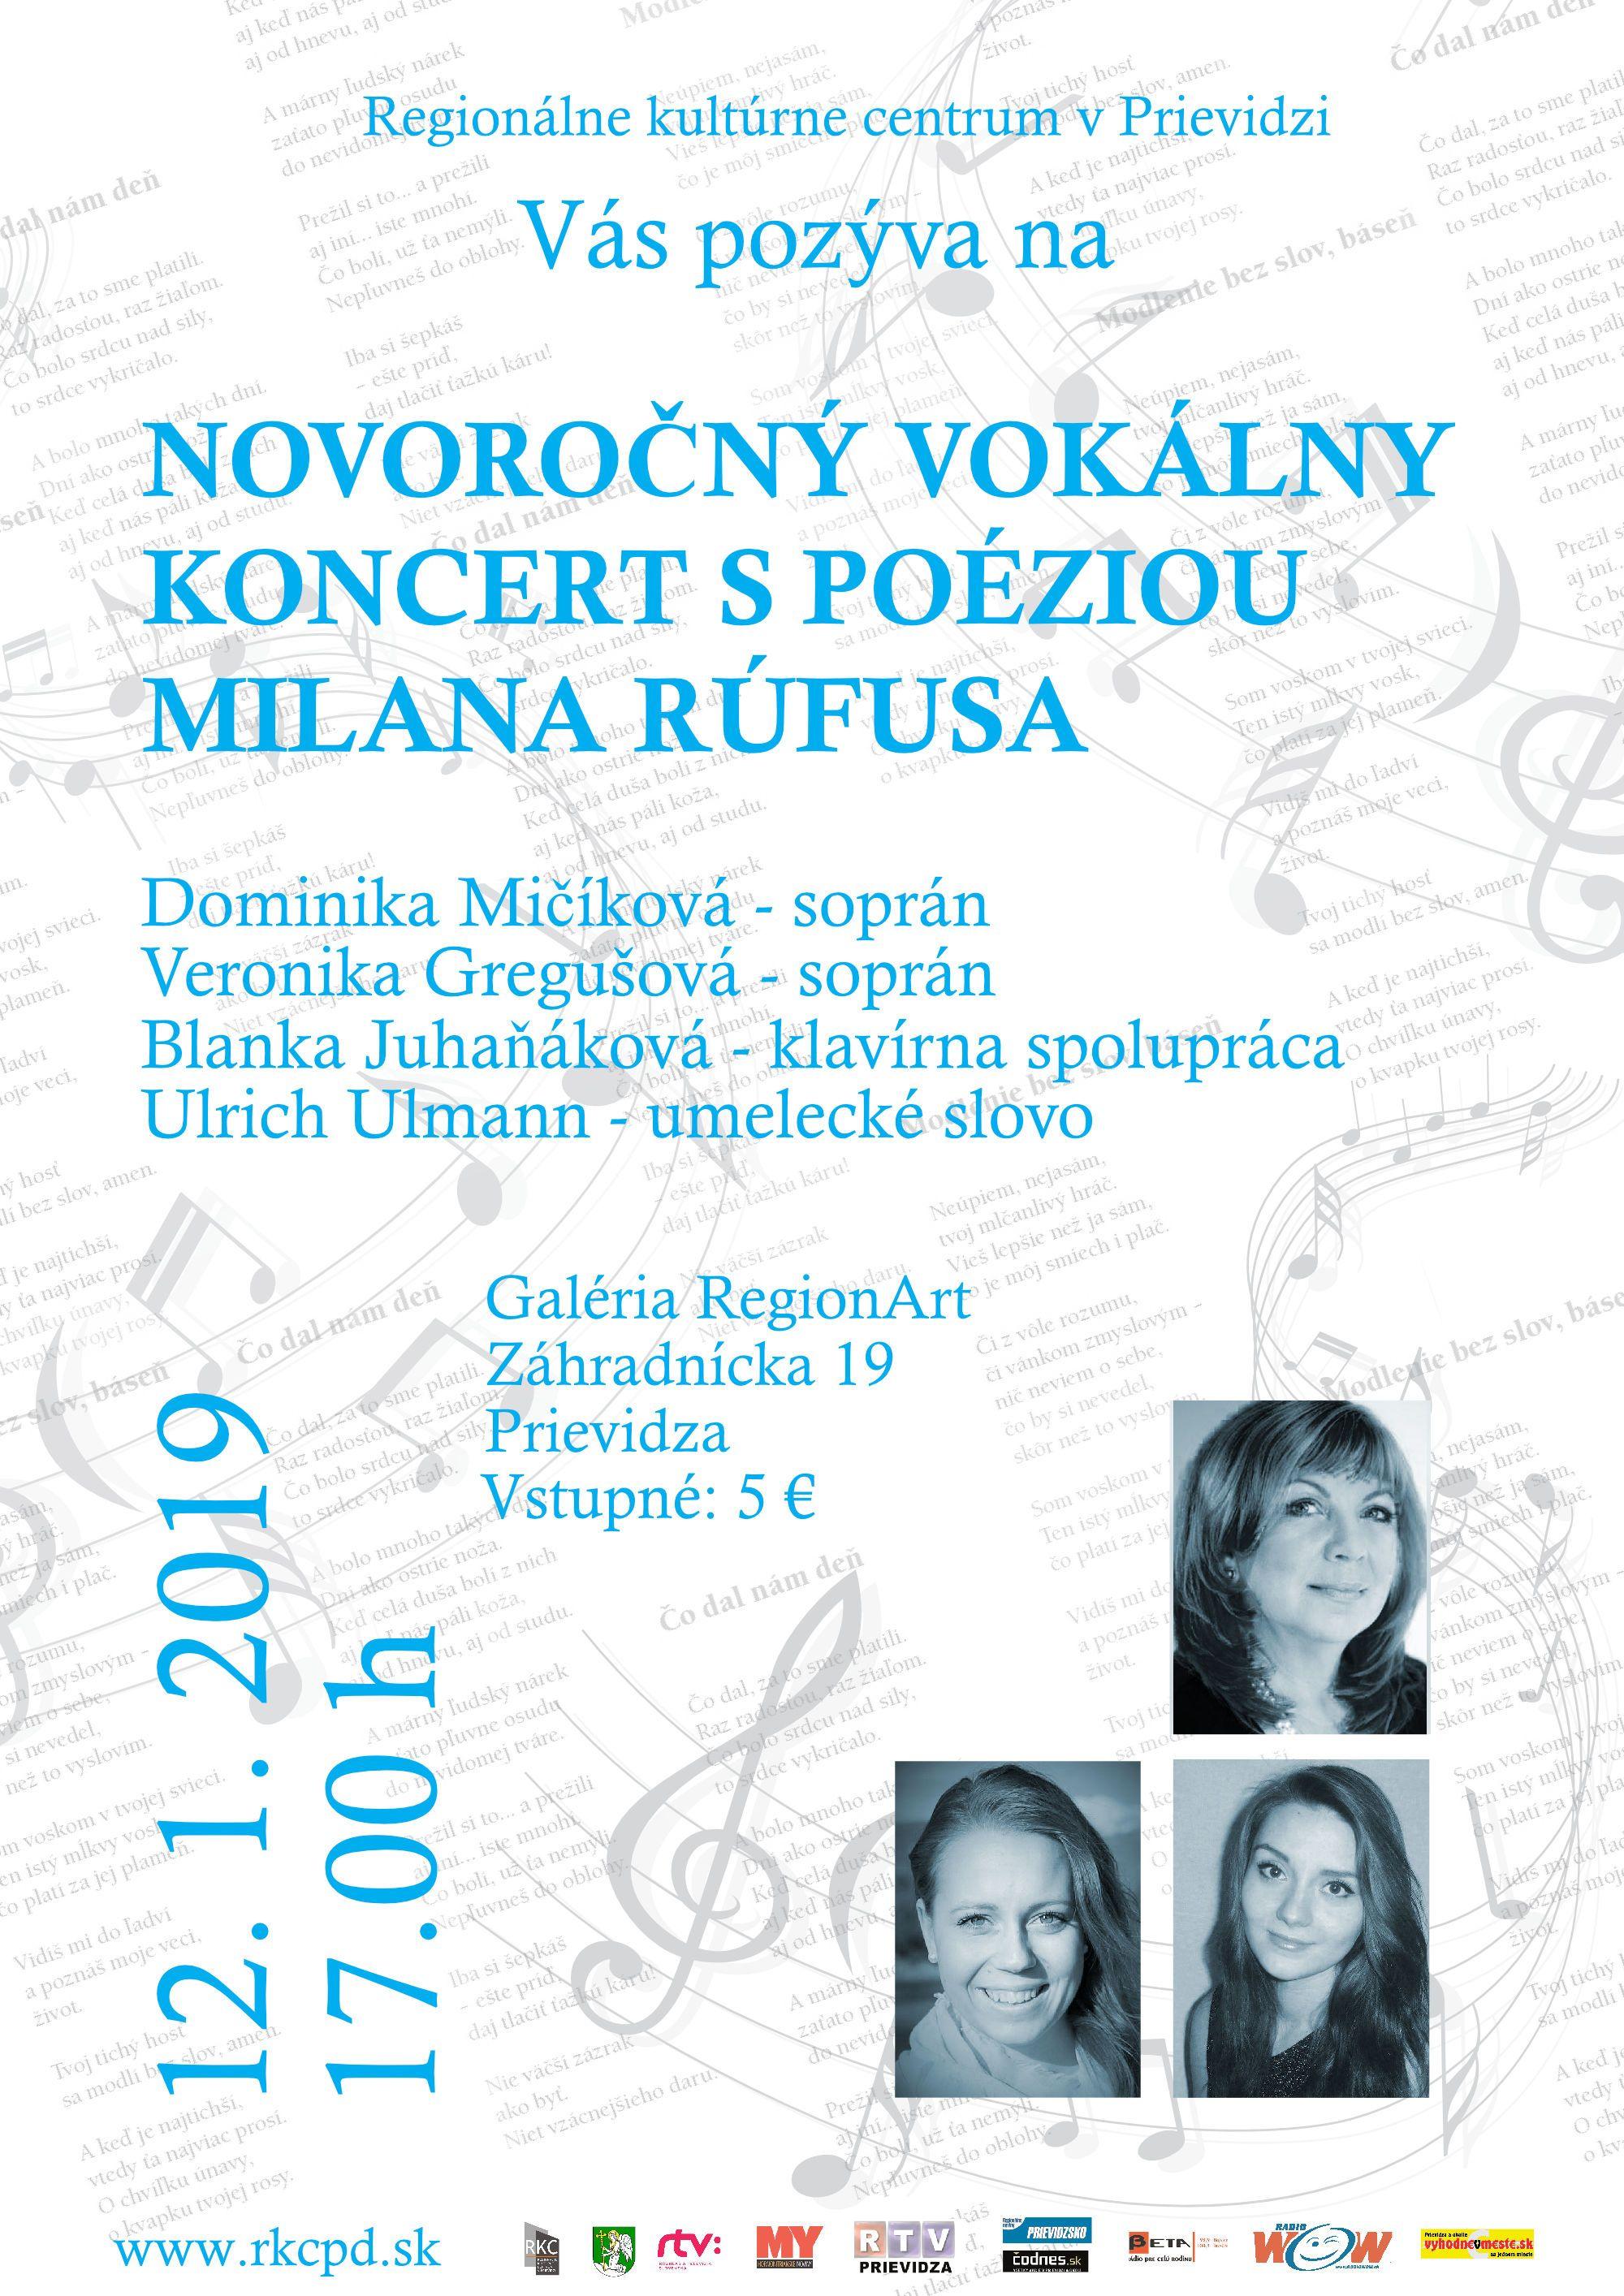 Novoročný vokálny koncert s poéziou Milana Rúfusa